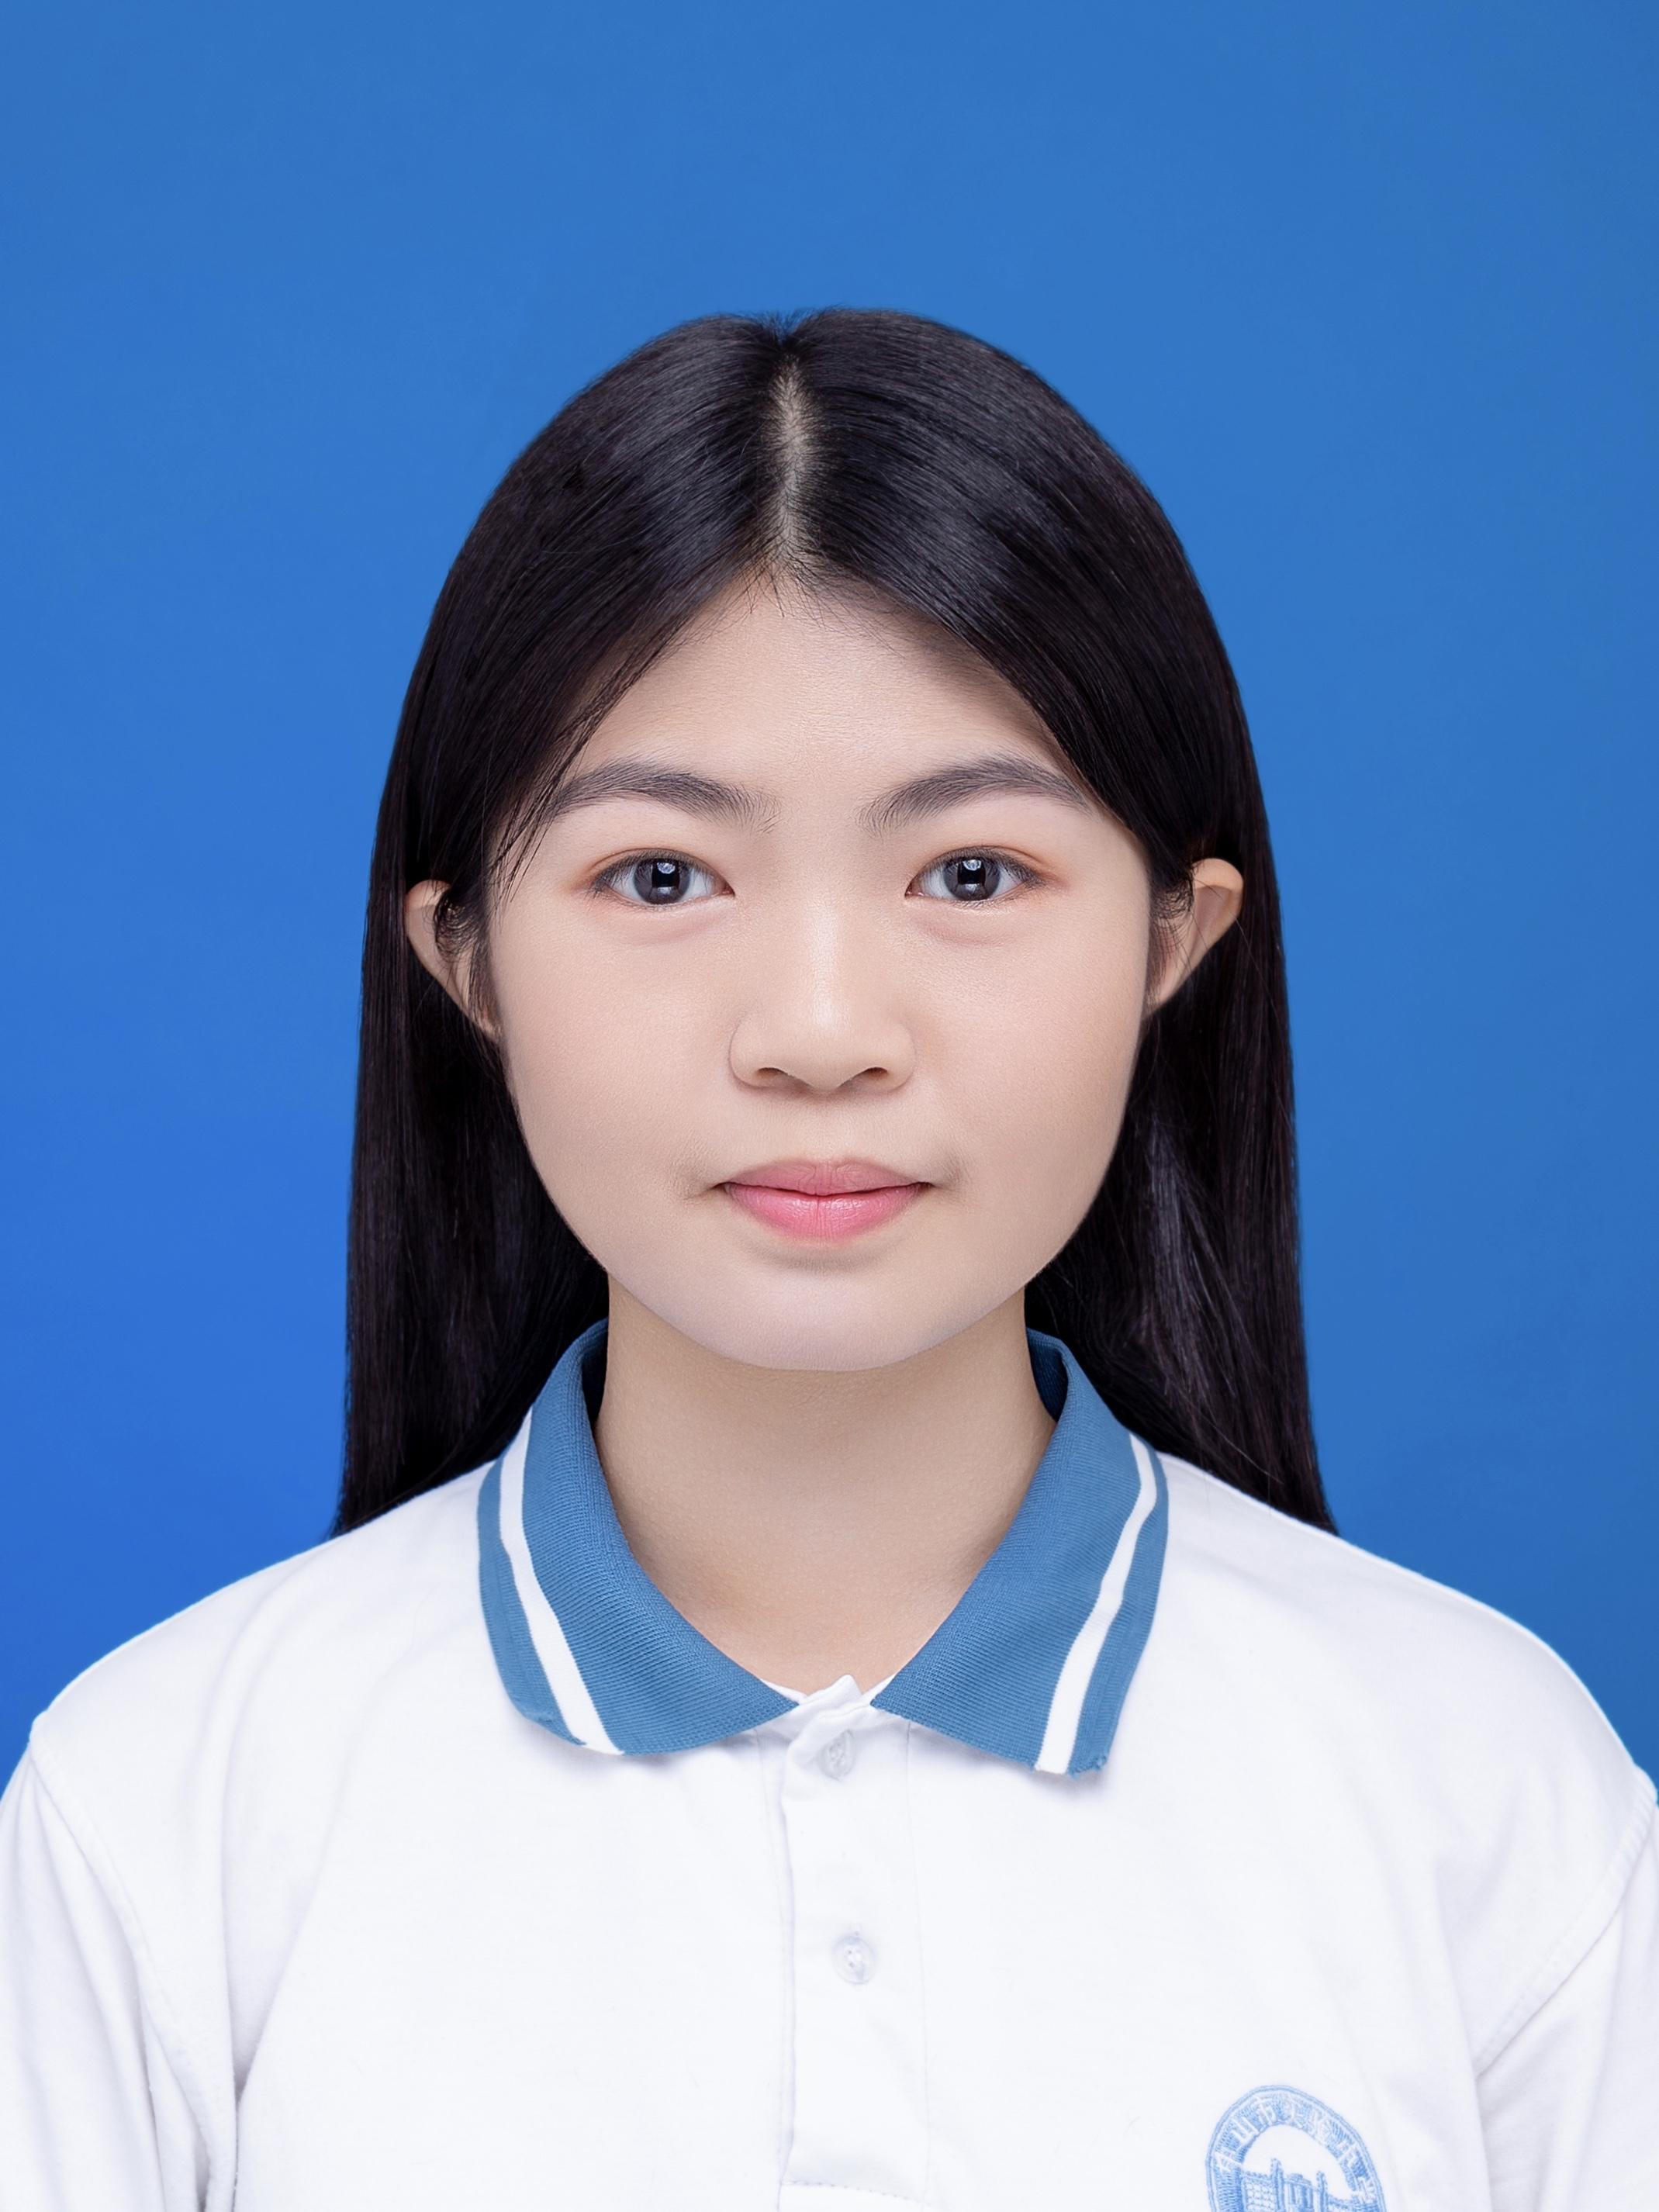 广州家教周教员